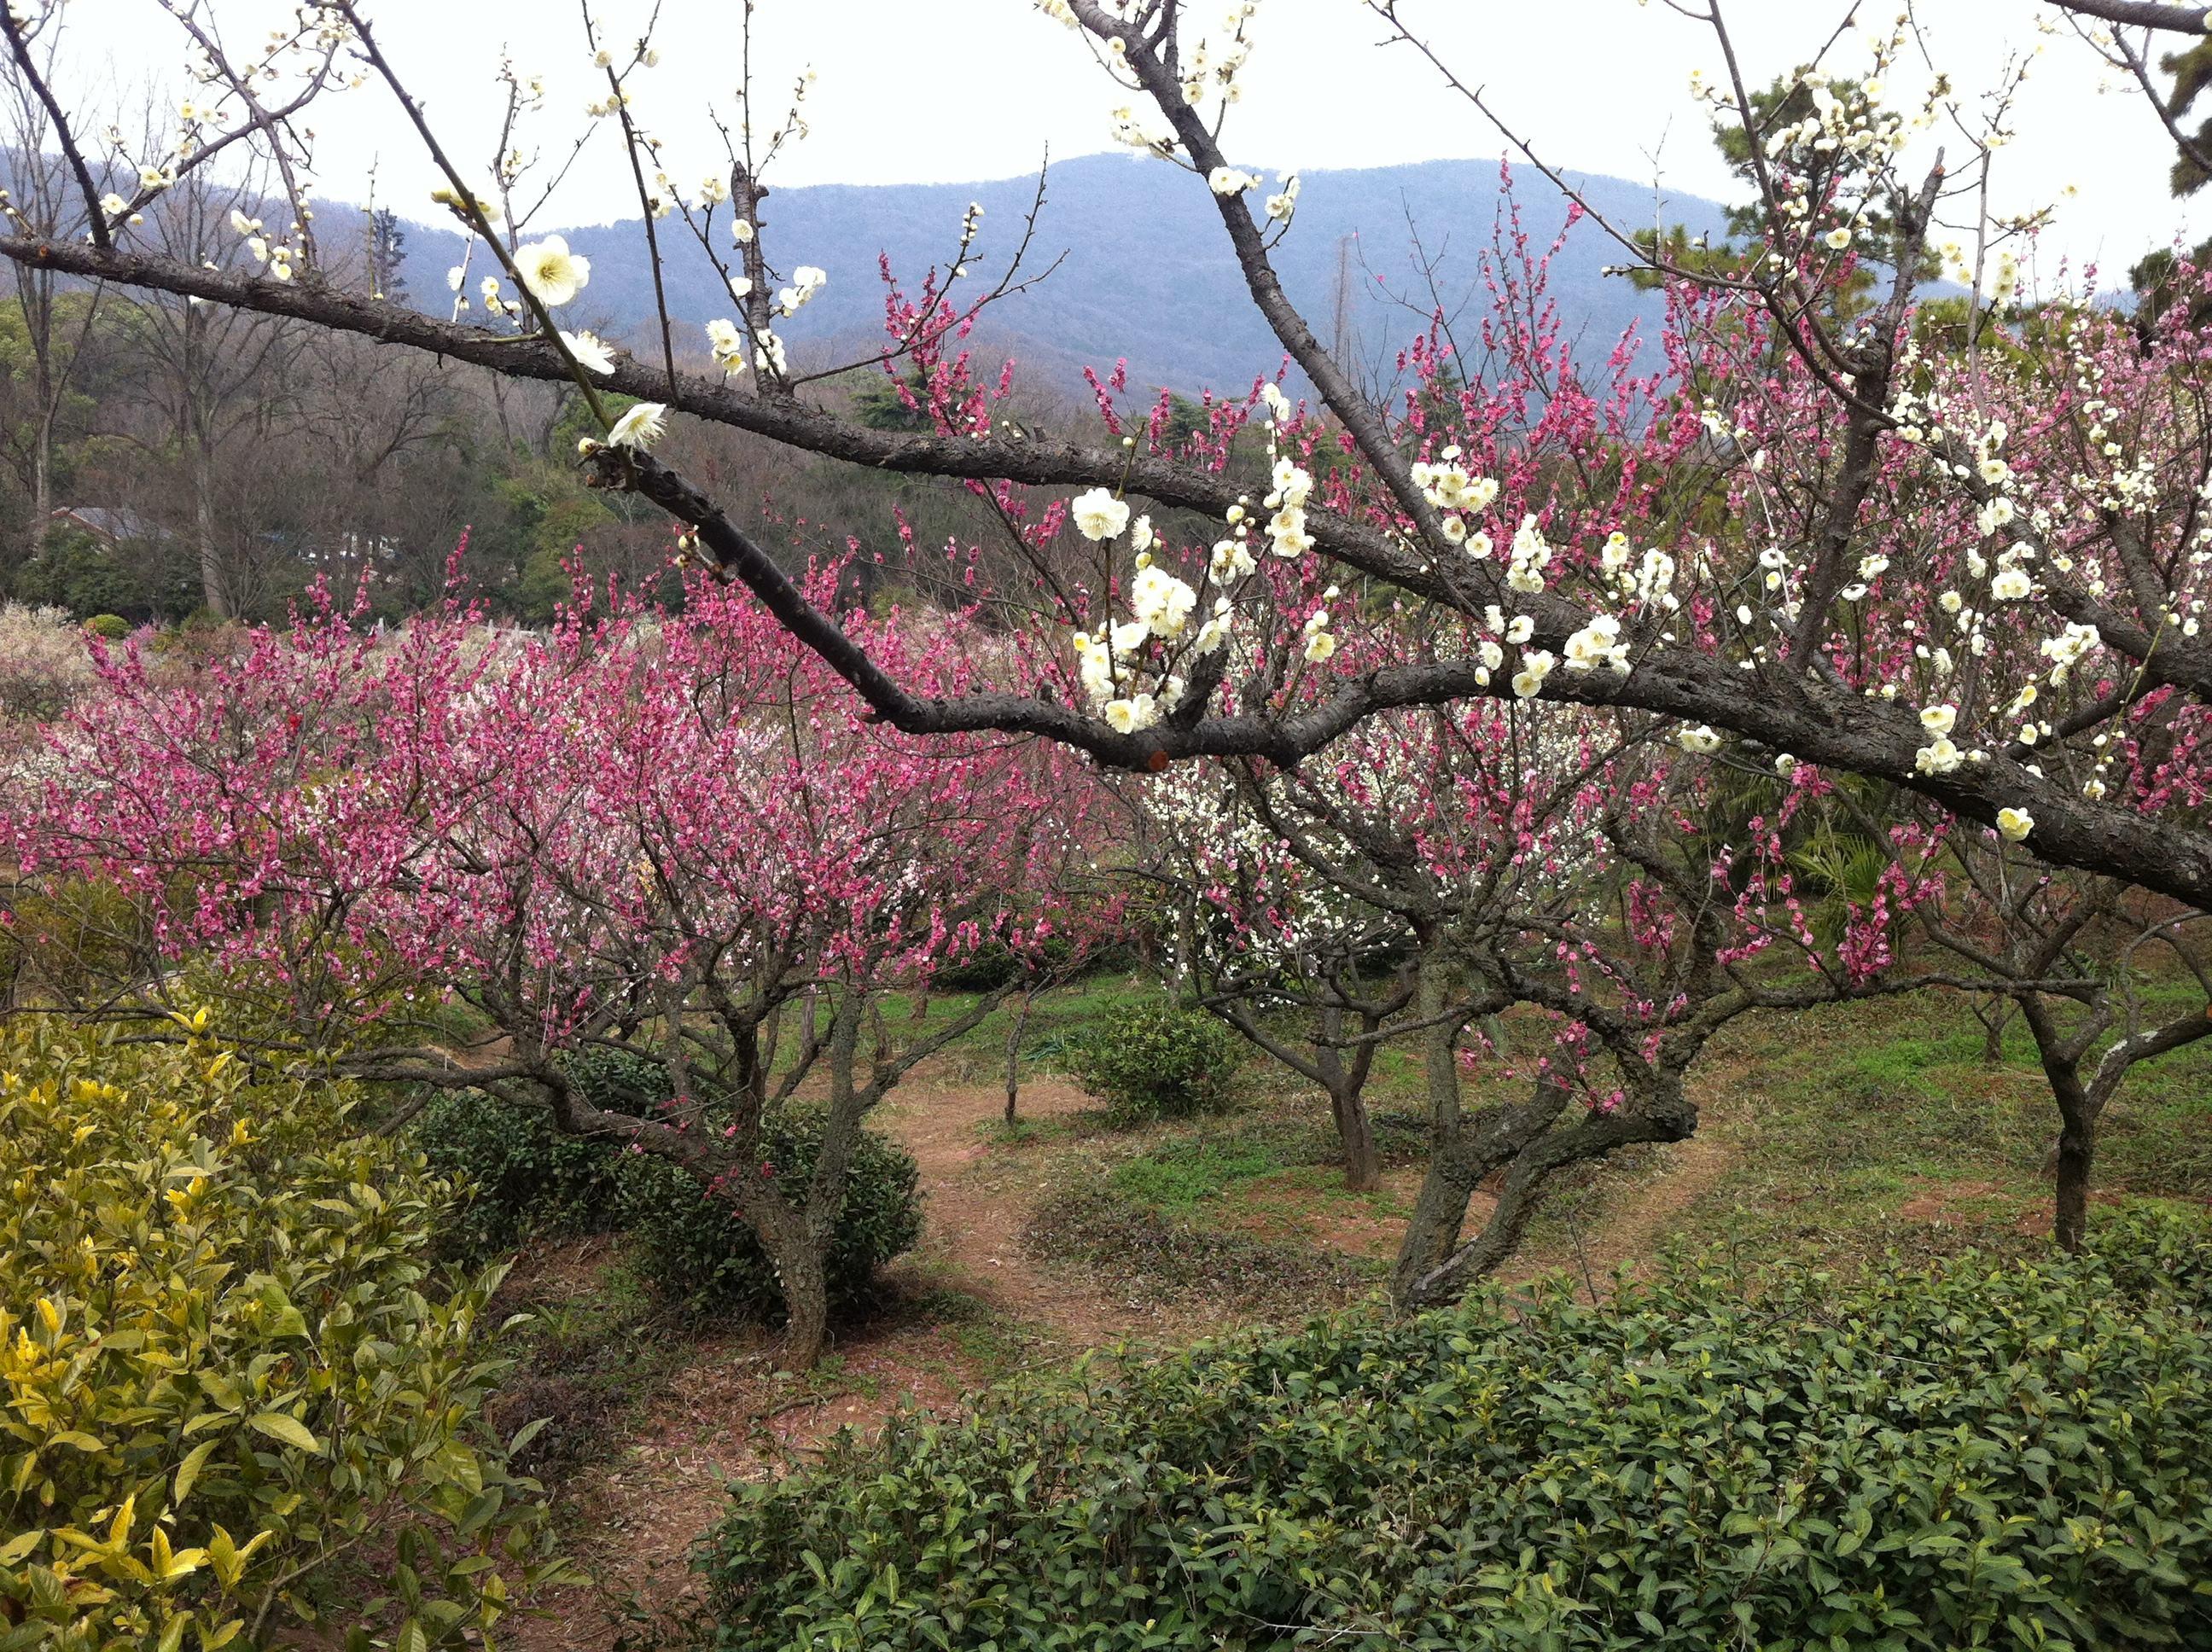 梅花(4cm /1m*1.2m冠,有青梅、绿叶梅、骨里红、国红等品种)各2000棵以上